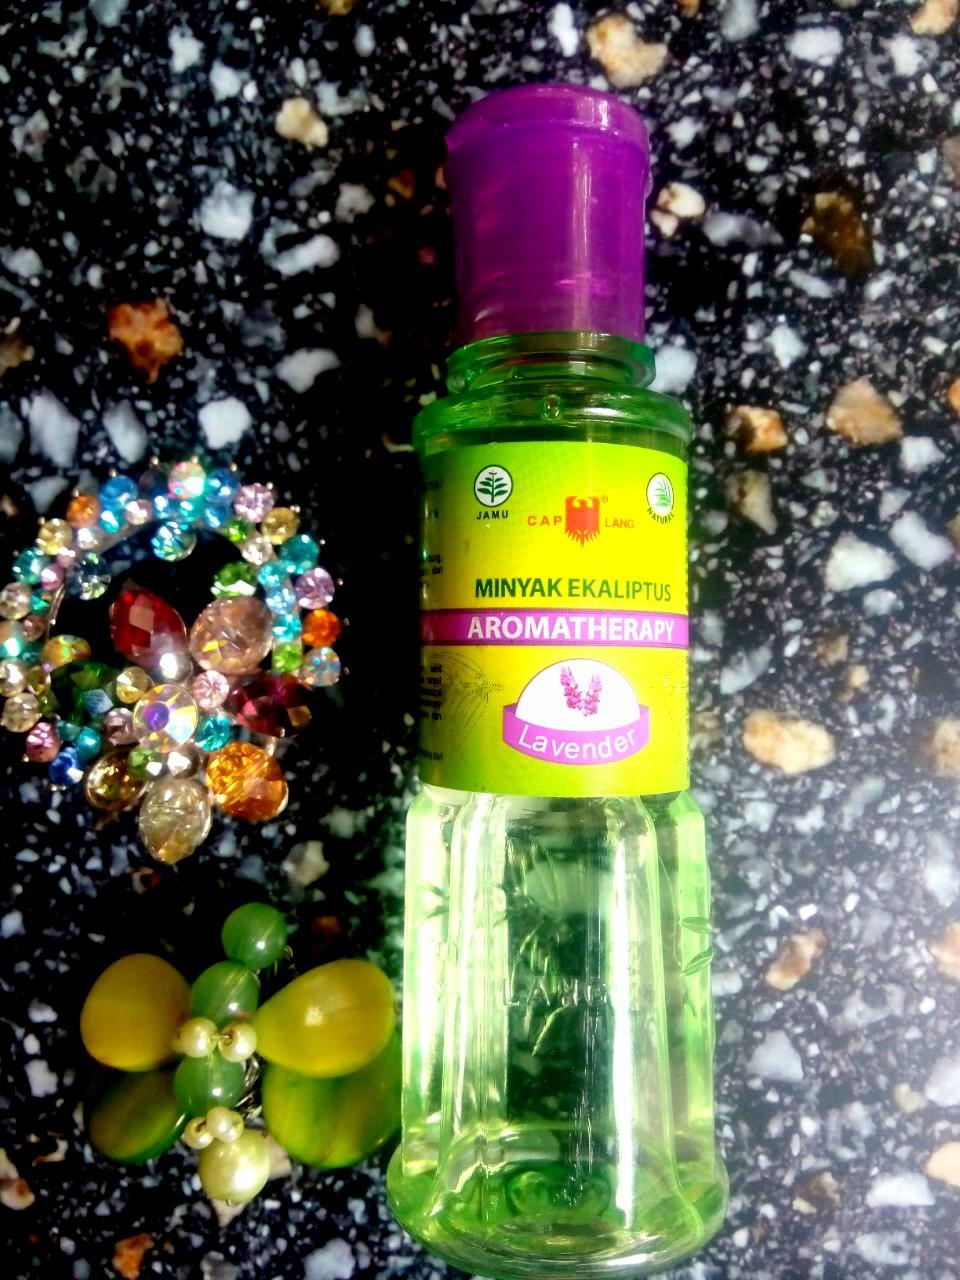 Tampil Wangi Cantik Sehat Berseri Dengan Kayu Putih Aromatherapy Cap Lang Minyak No 2 60ml Khusus Area Pulau Jawa Aroma Therapy Lavender Foto Doc Pri